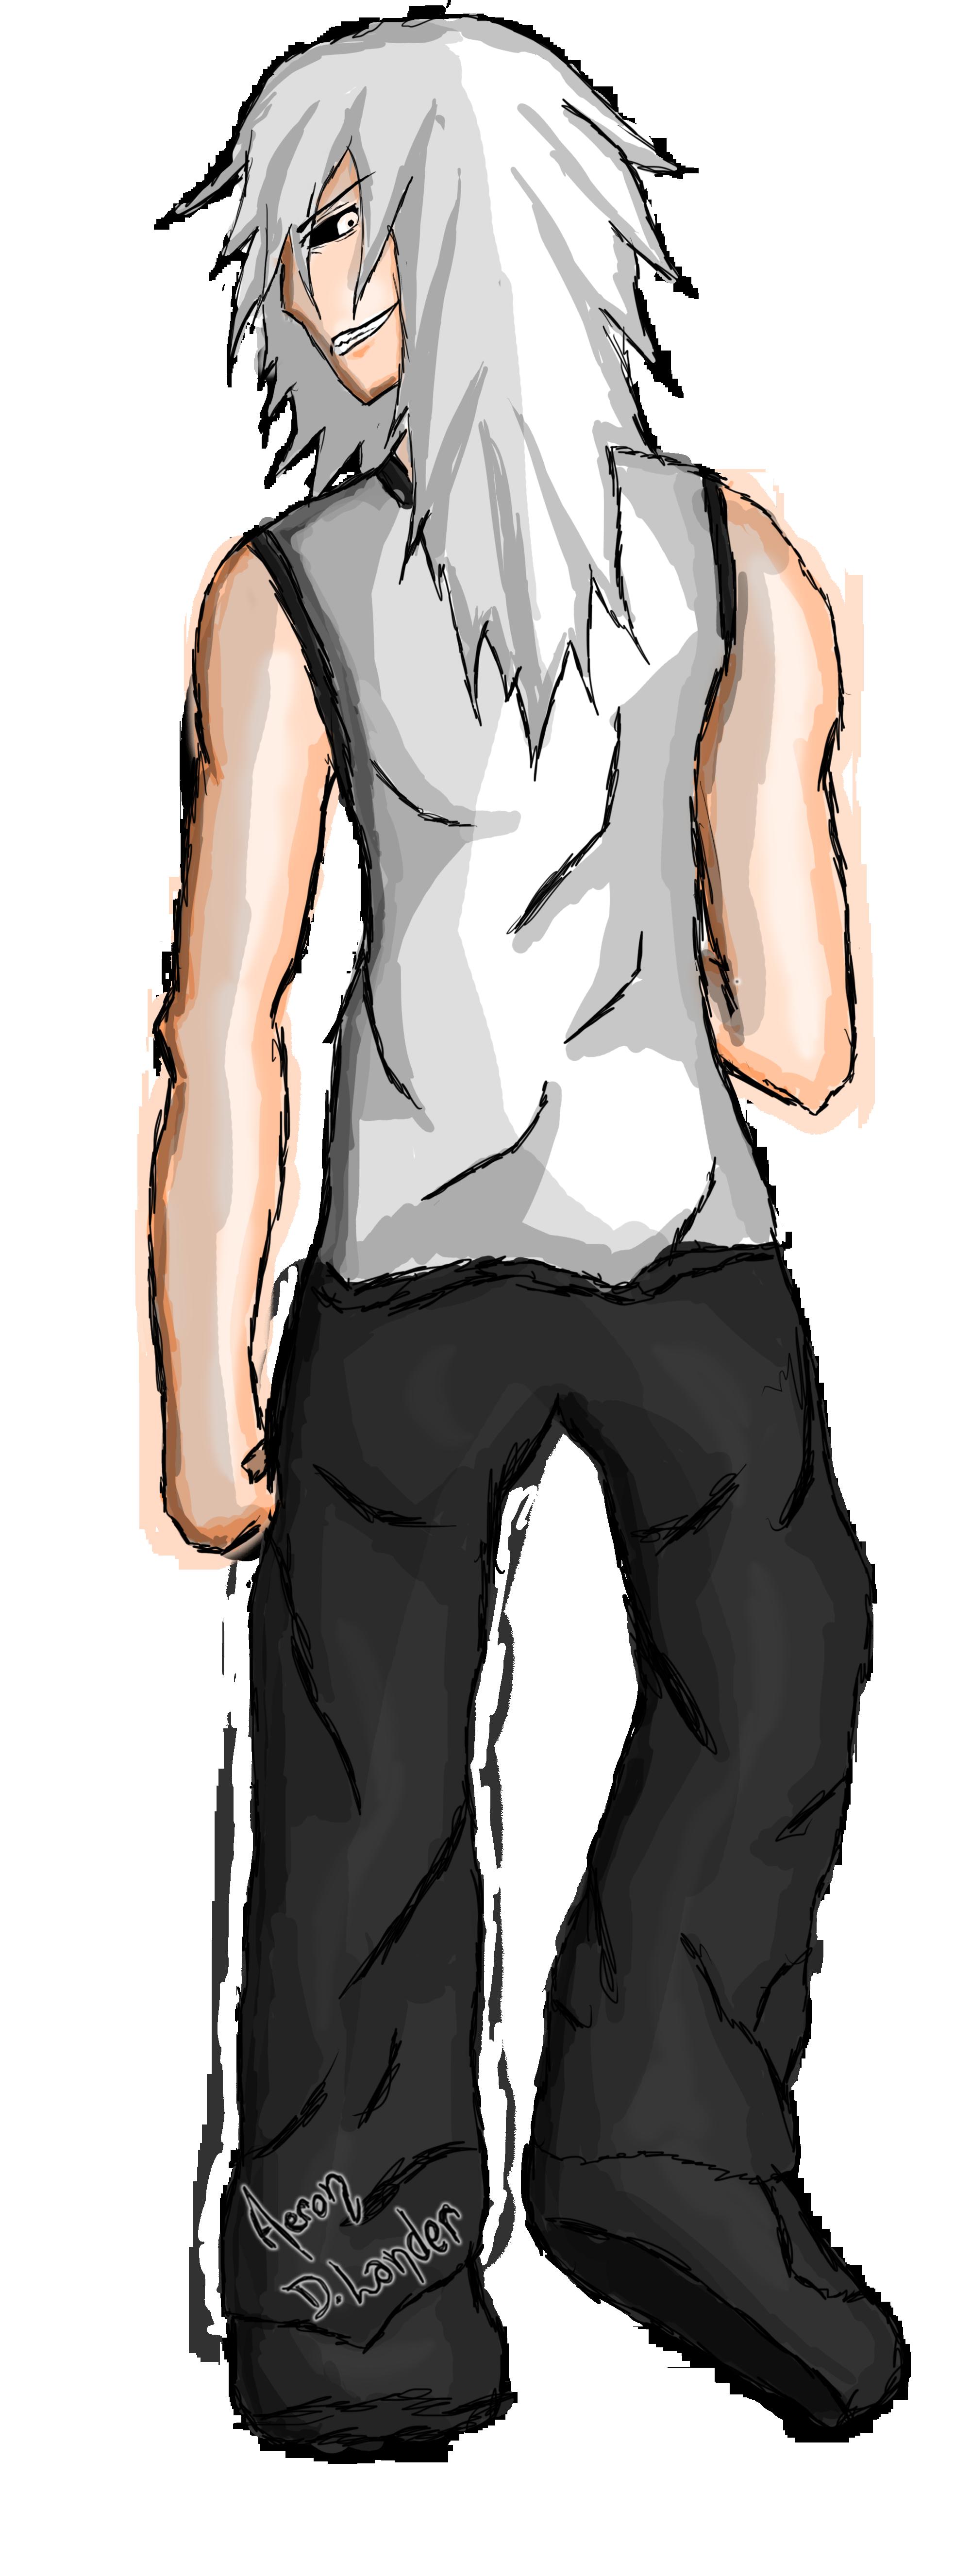 Levi Krad - The True face of Evil by NoreaLander on DeviantArt - Levi Face